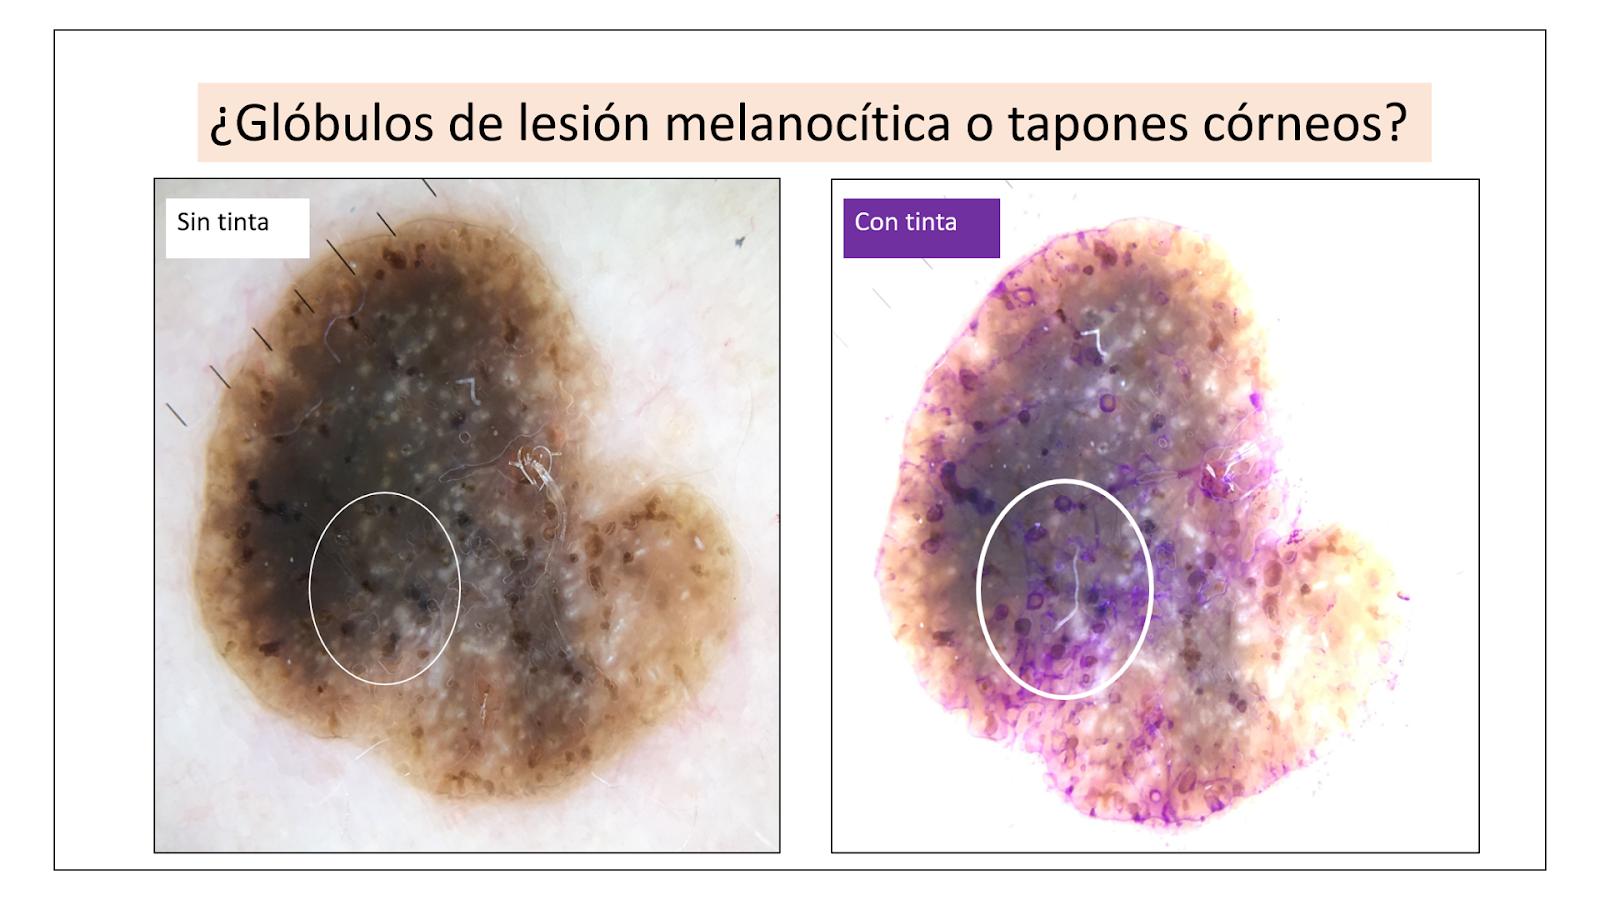 Si dudamos sobre si esta lesión tiene tapones córneos de queratosis seborreica o glóbulos de lesión melanocítica, podemos hacer el test de la tinta. Con la tinta los tapones córneos se tiñen, pero los glóbulos no se tiñen: